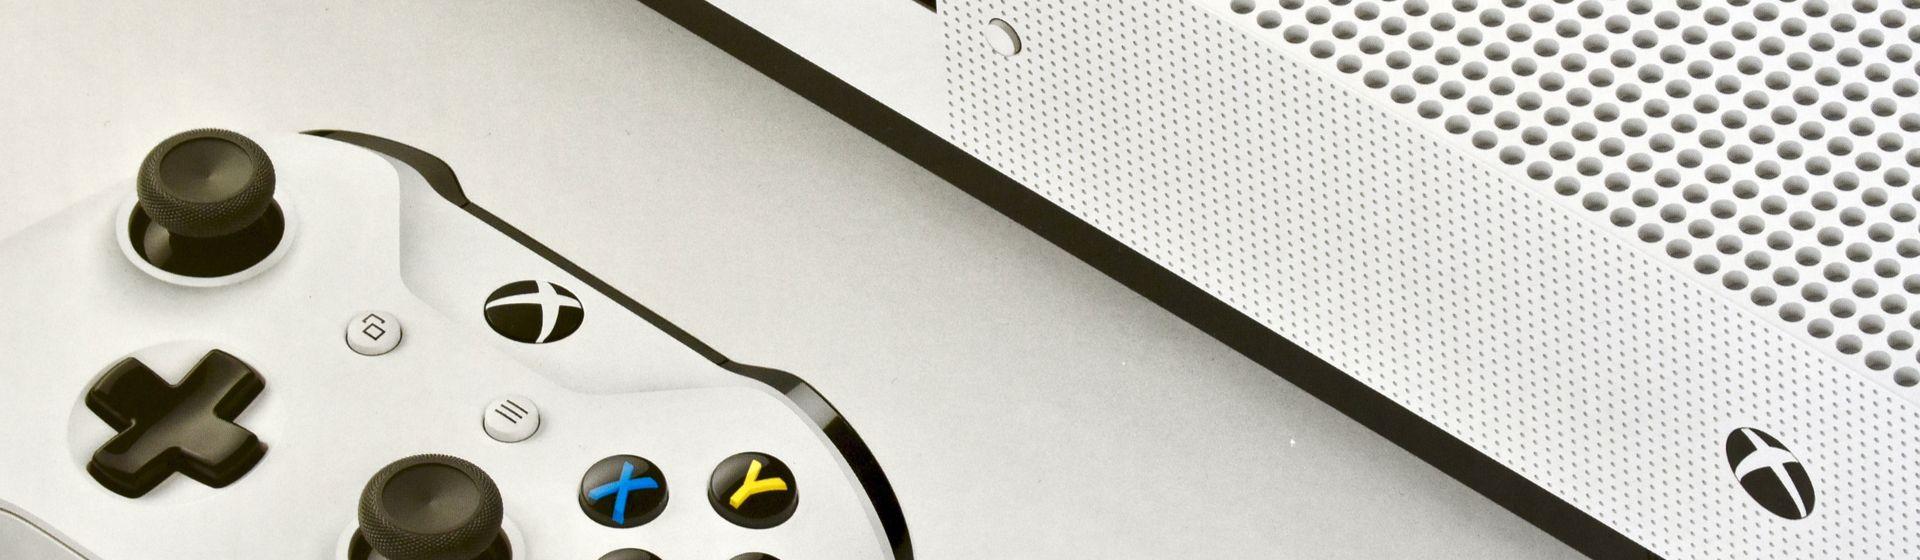 Xbox One vale a pena em 2020? Analisamos jogos, consoles e serviços